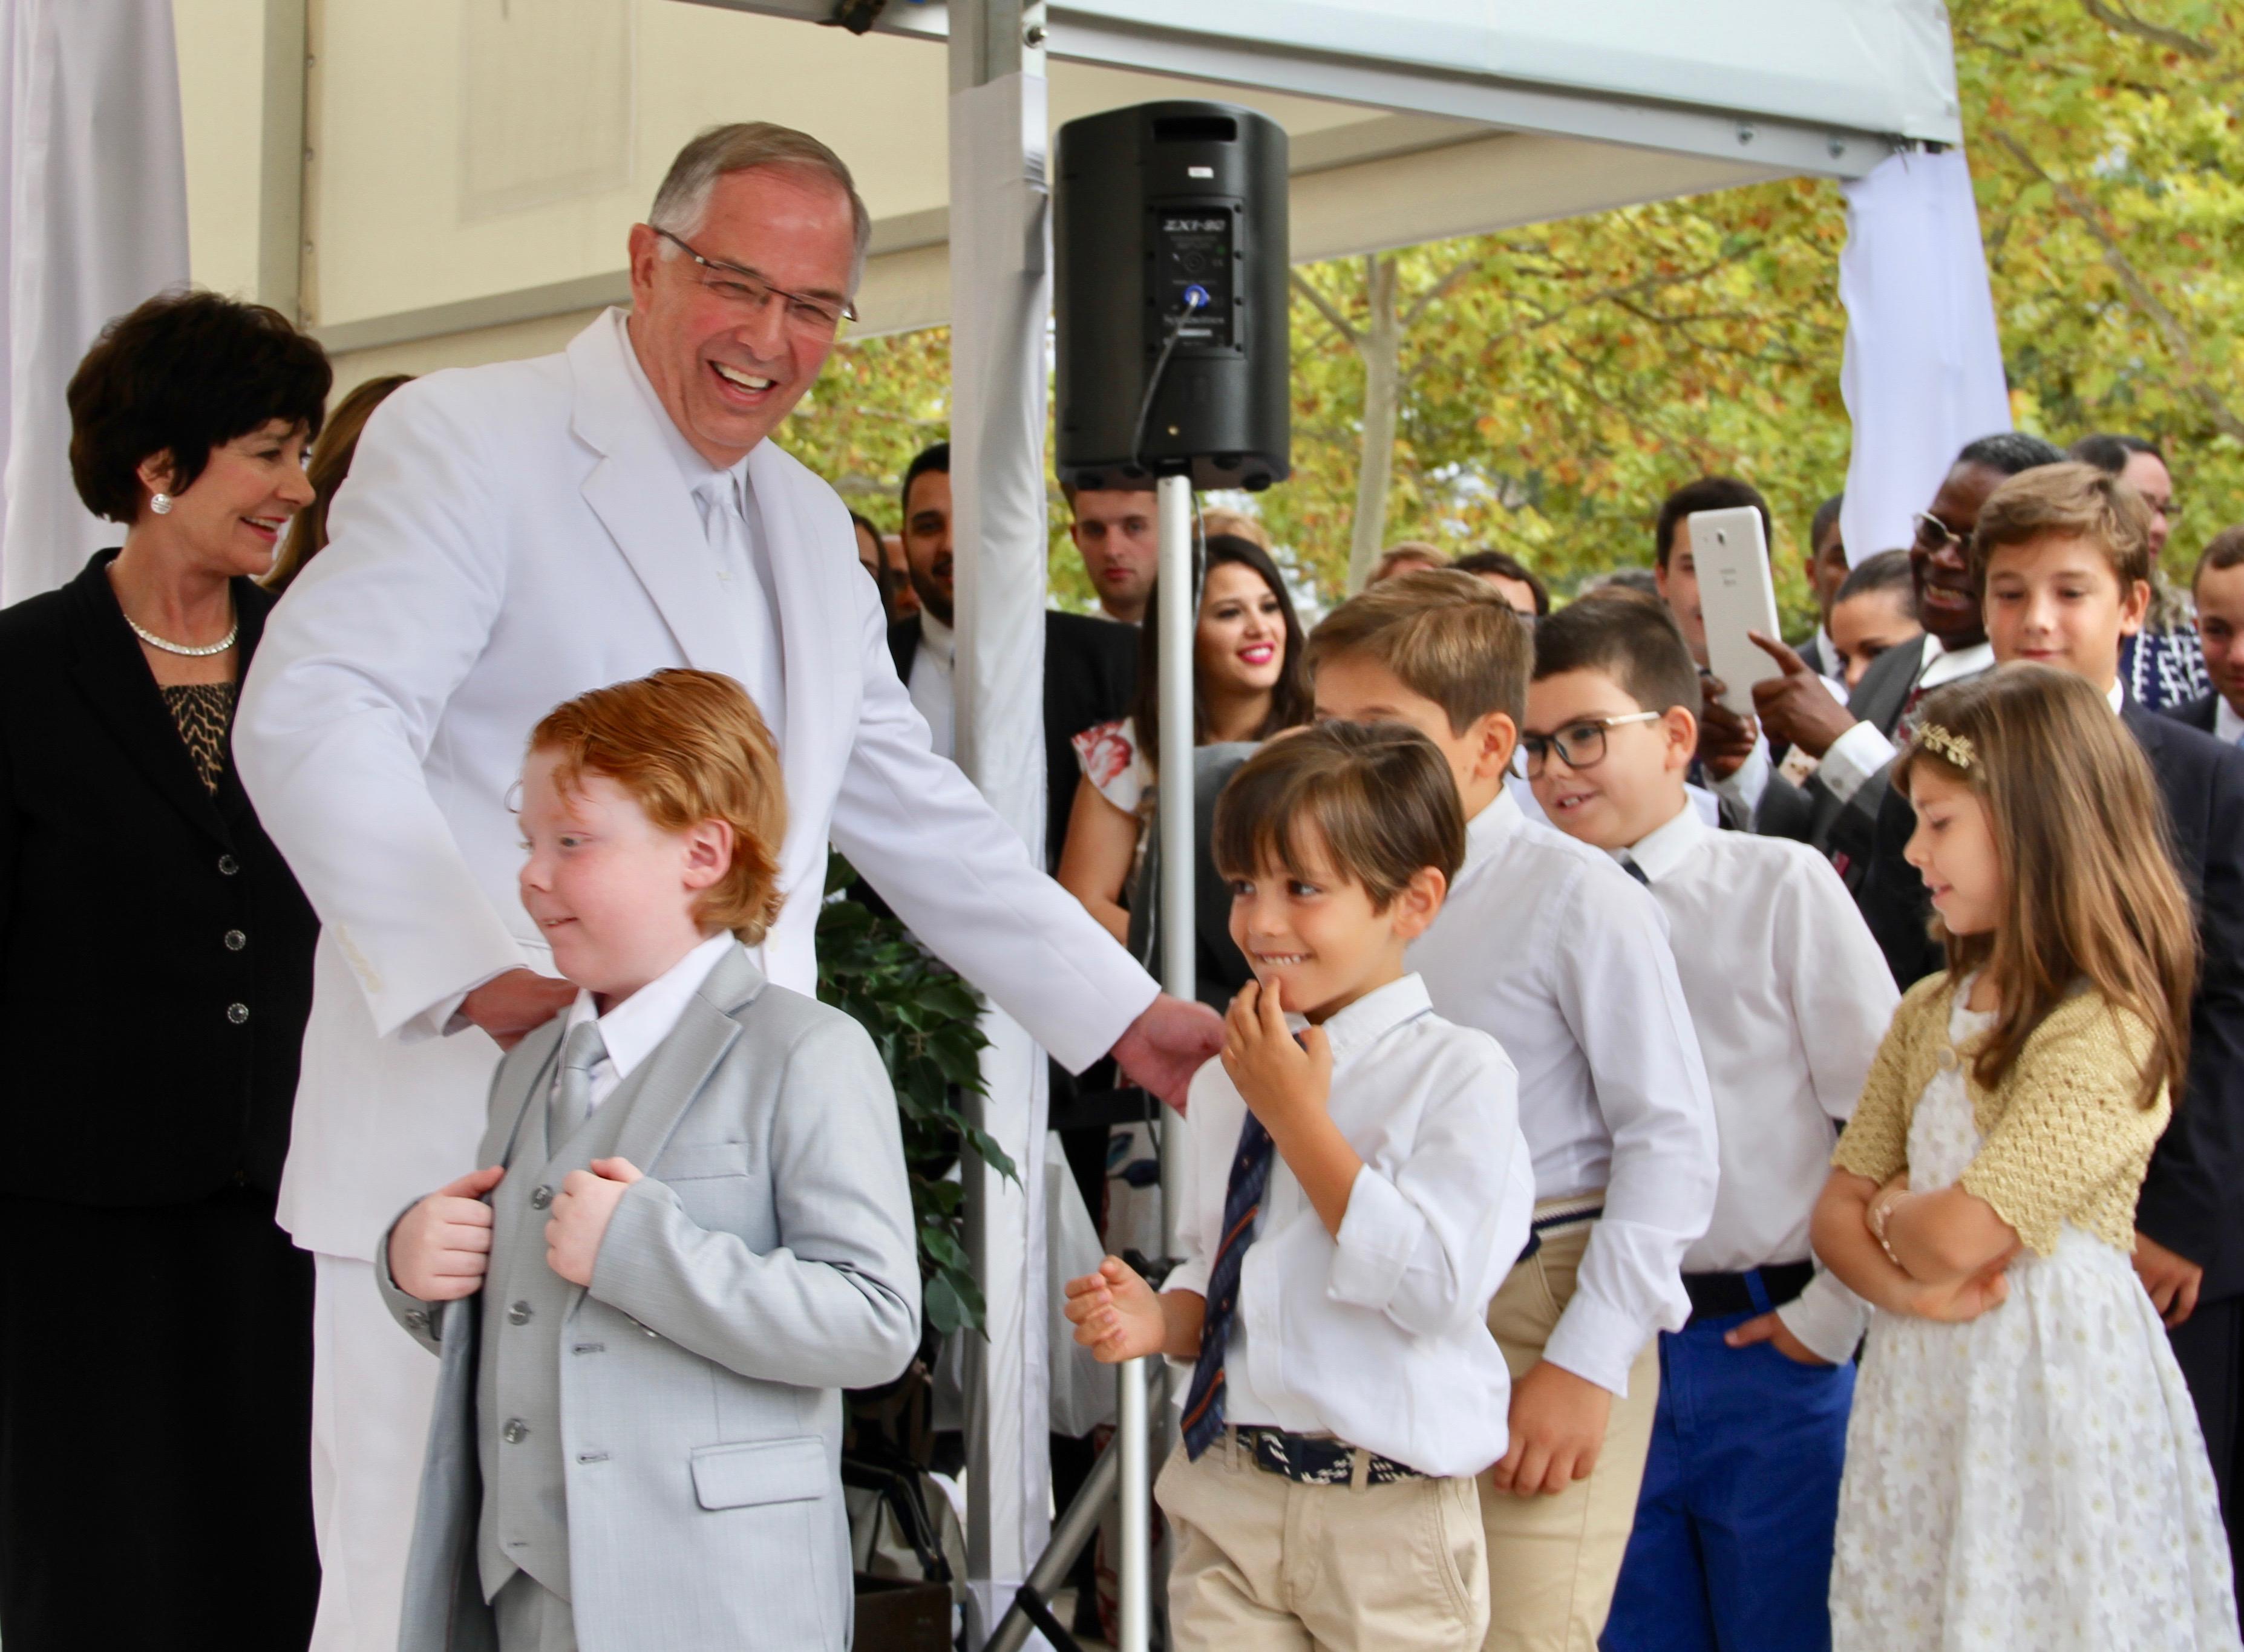 El élder Neil L. Andersen, del Quórum de los Doce Apóstoles, ayuda a varios niños para que participen en la ceremonia de coronación de la piedra angular de la dedicación del Templo de Lisboa Portugal, el domingo, 15 de septiembre de 2019.